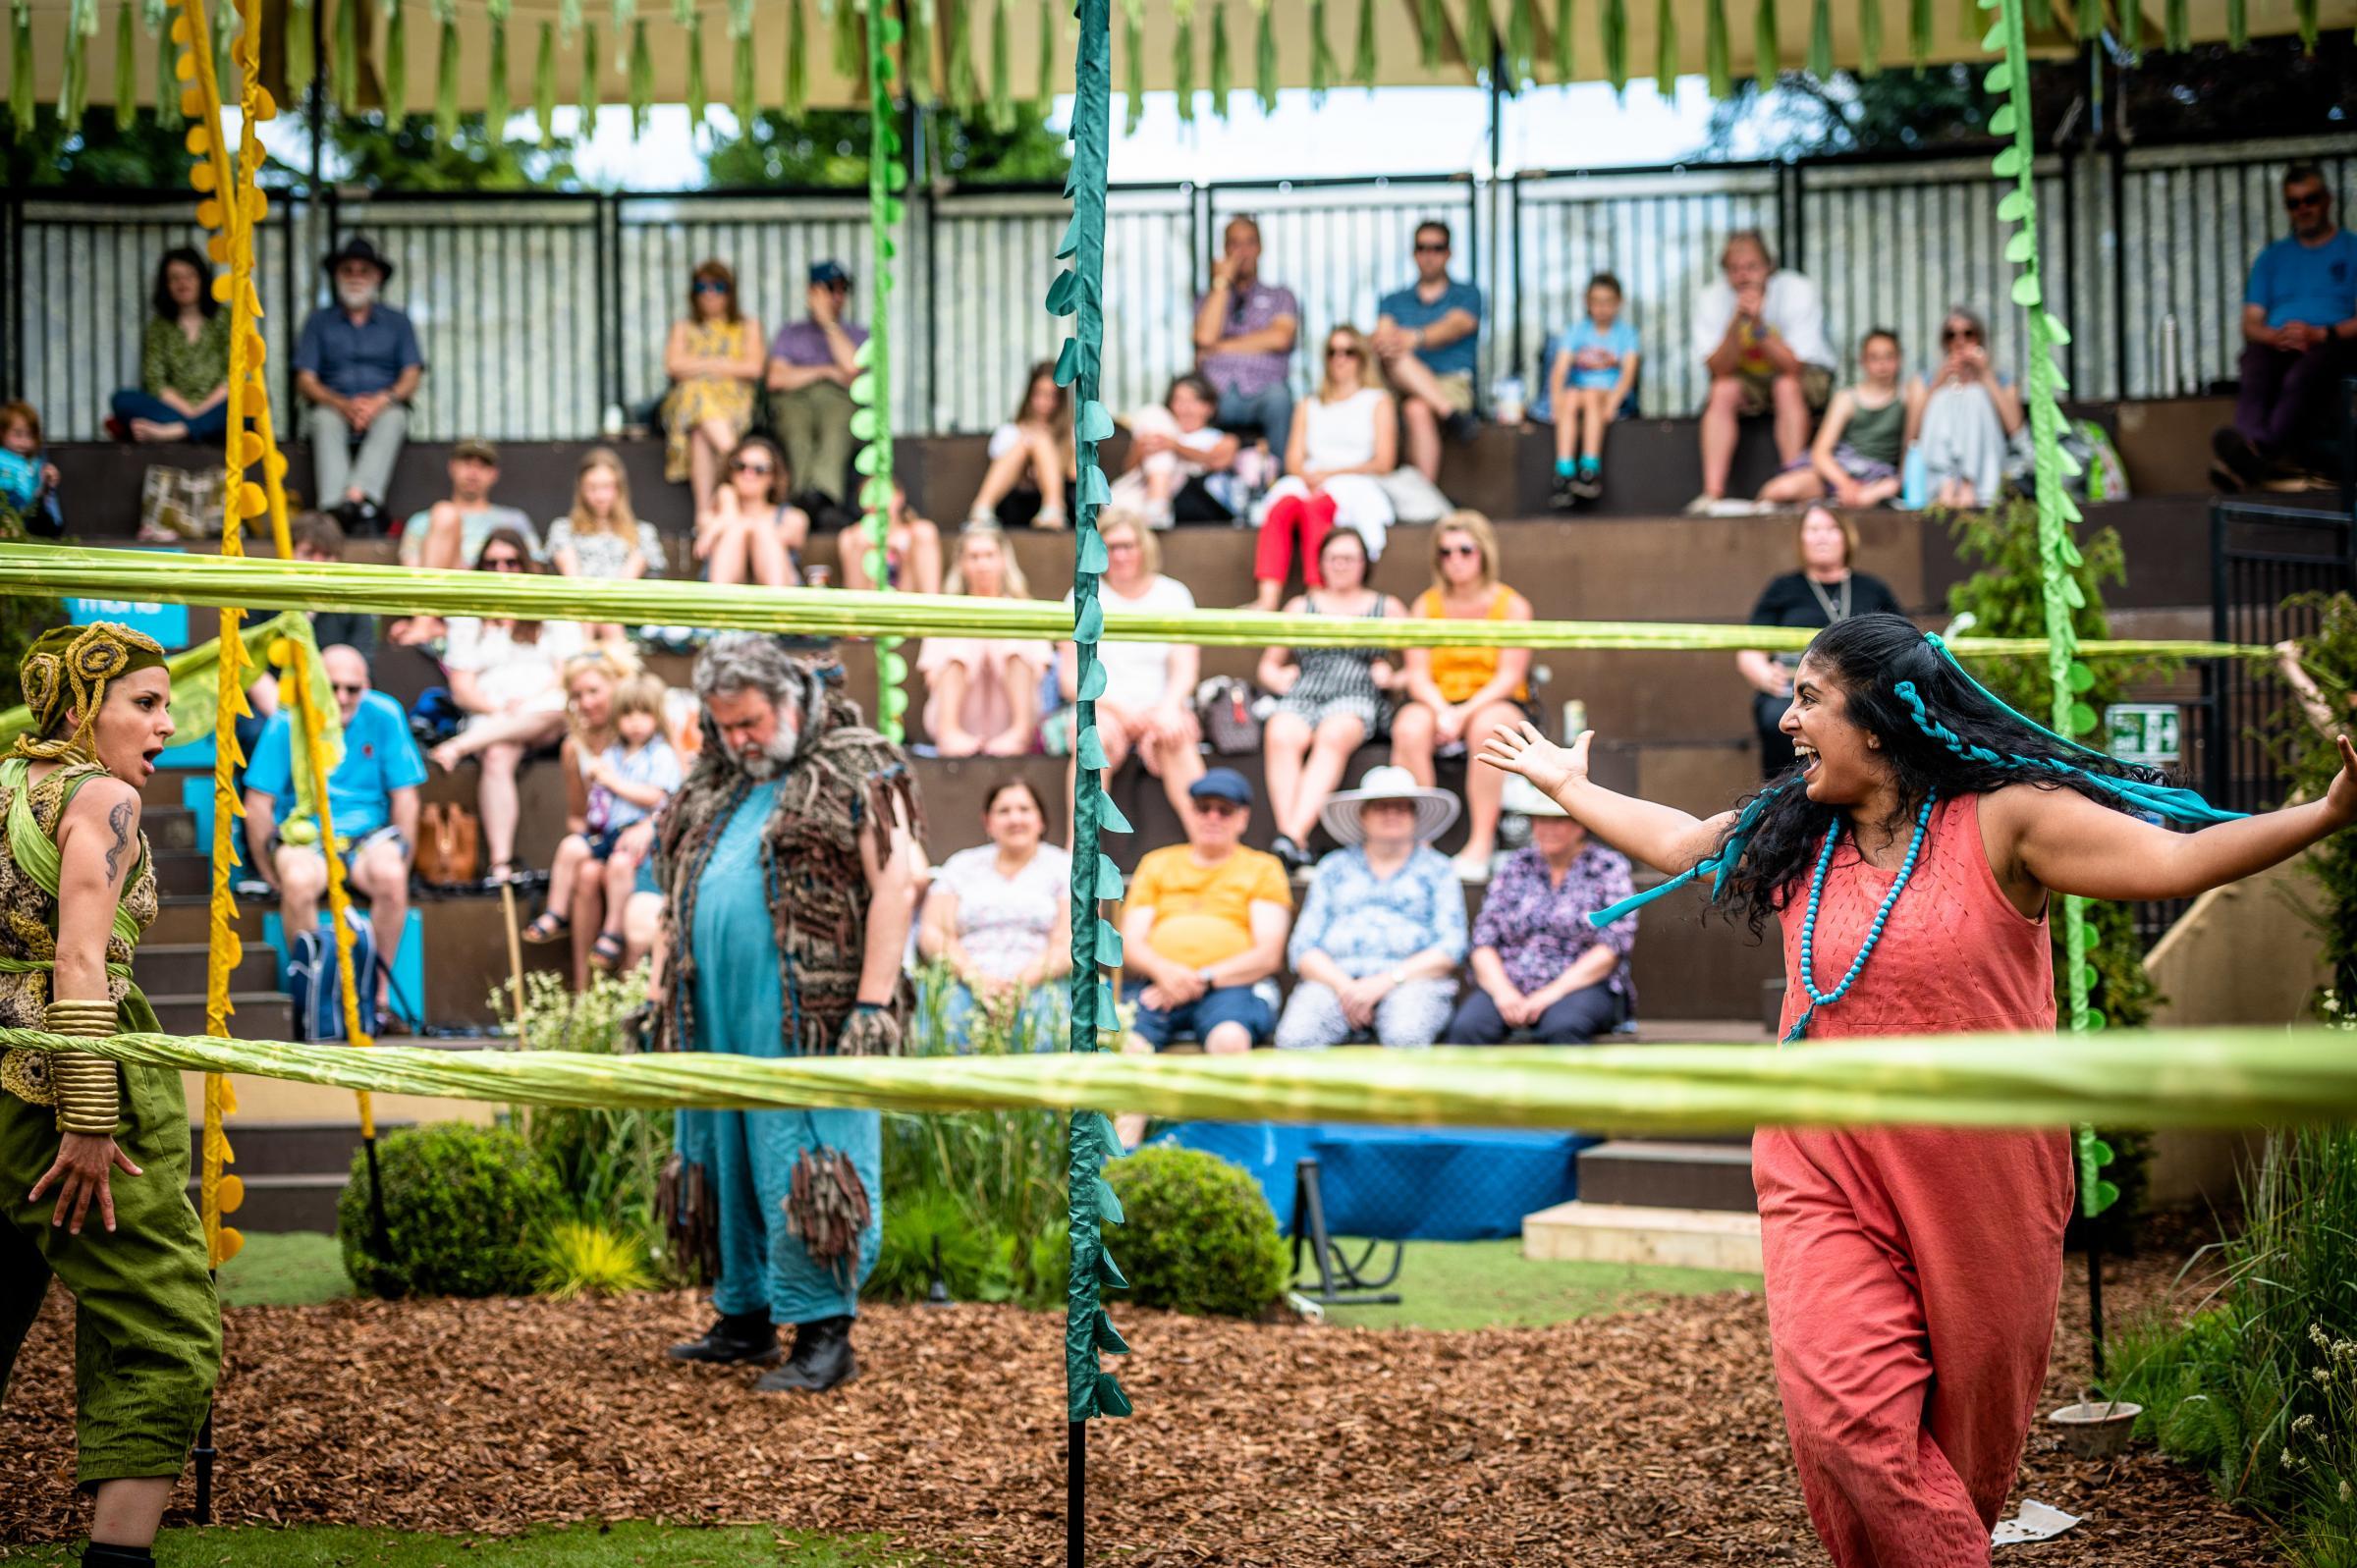 Grosvenor Park Open Air Theatre: Jungle Book-Suzanne Ahmet as Kaa, Howard Chadwick as Baloo, Purvi Parmar as Mowgli.